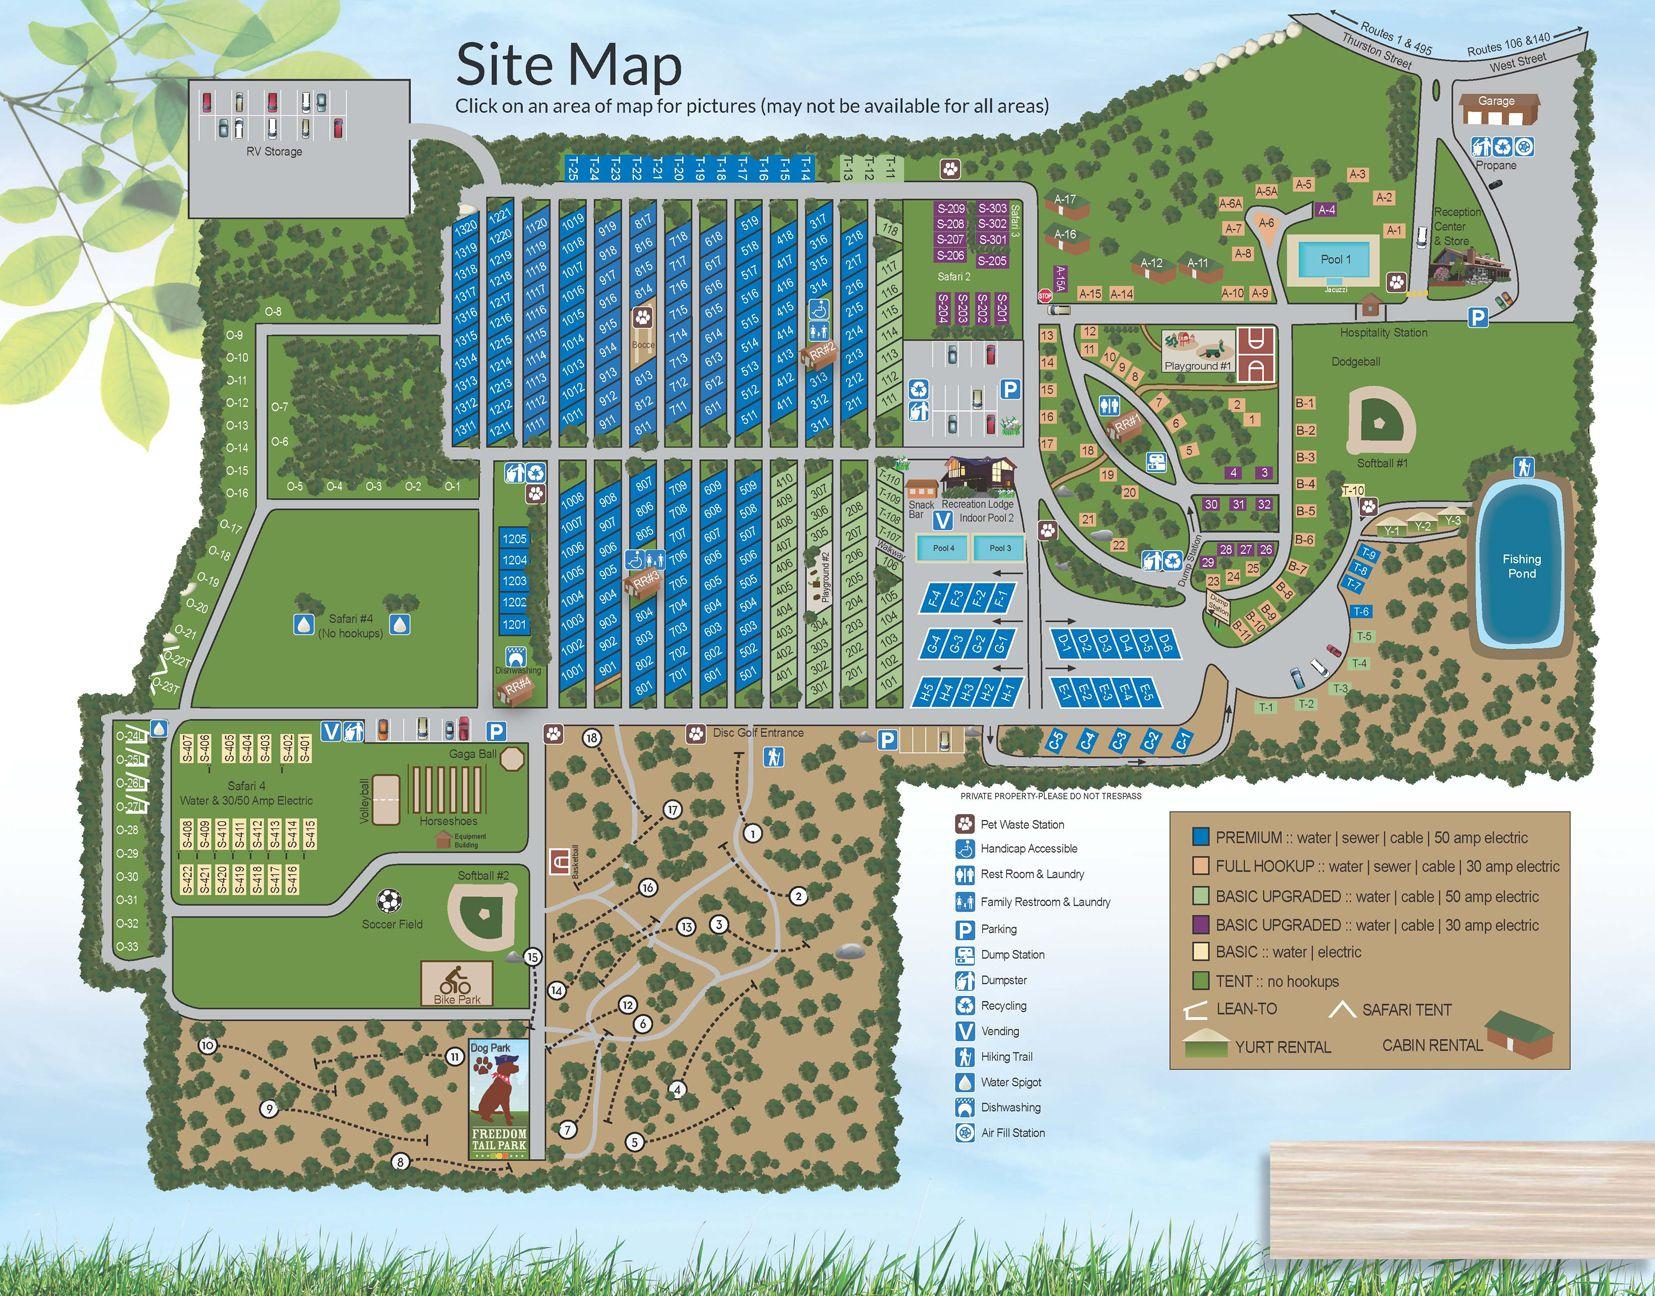 Normandy Farms In Foxboro Ma Campgrounds Campsite